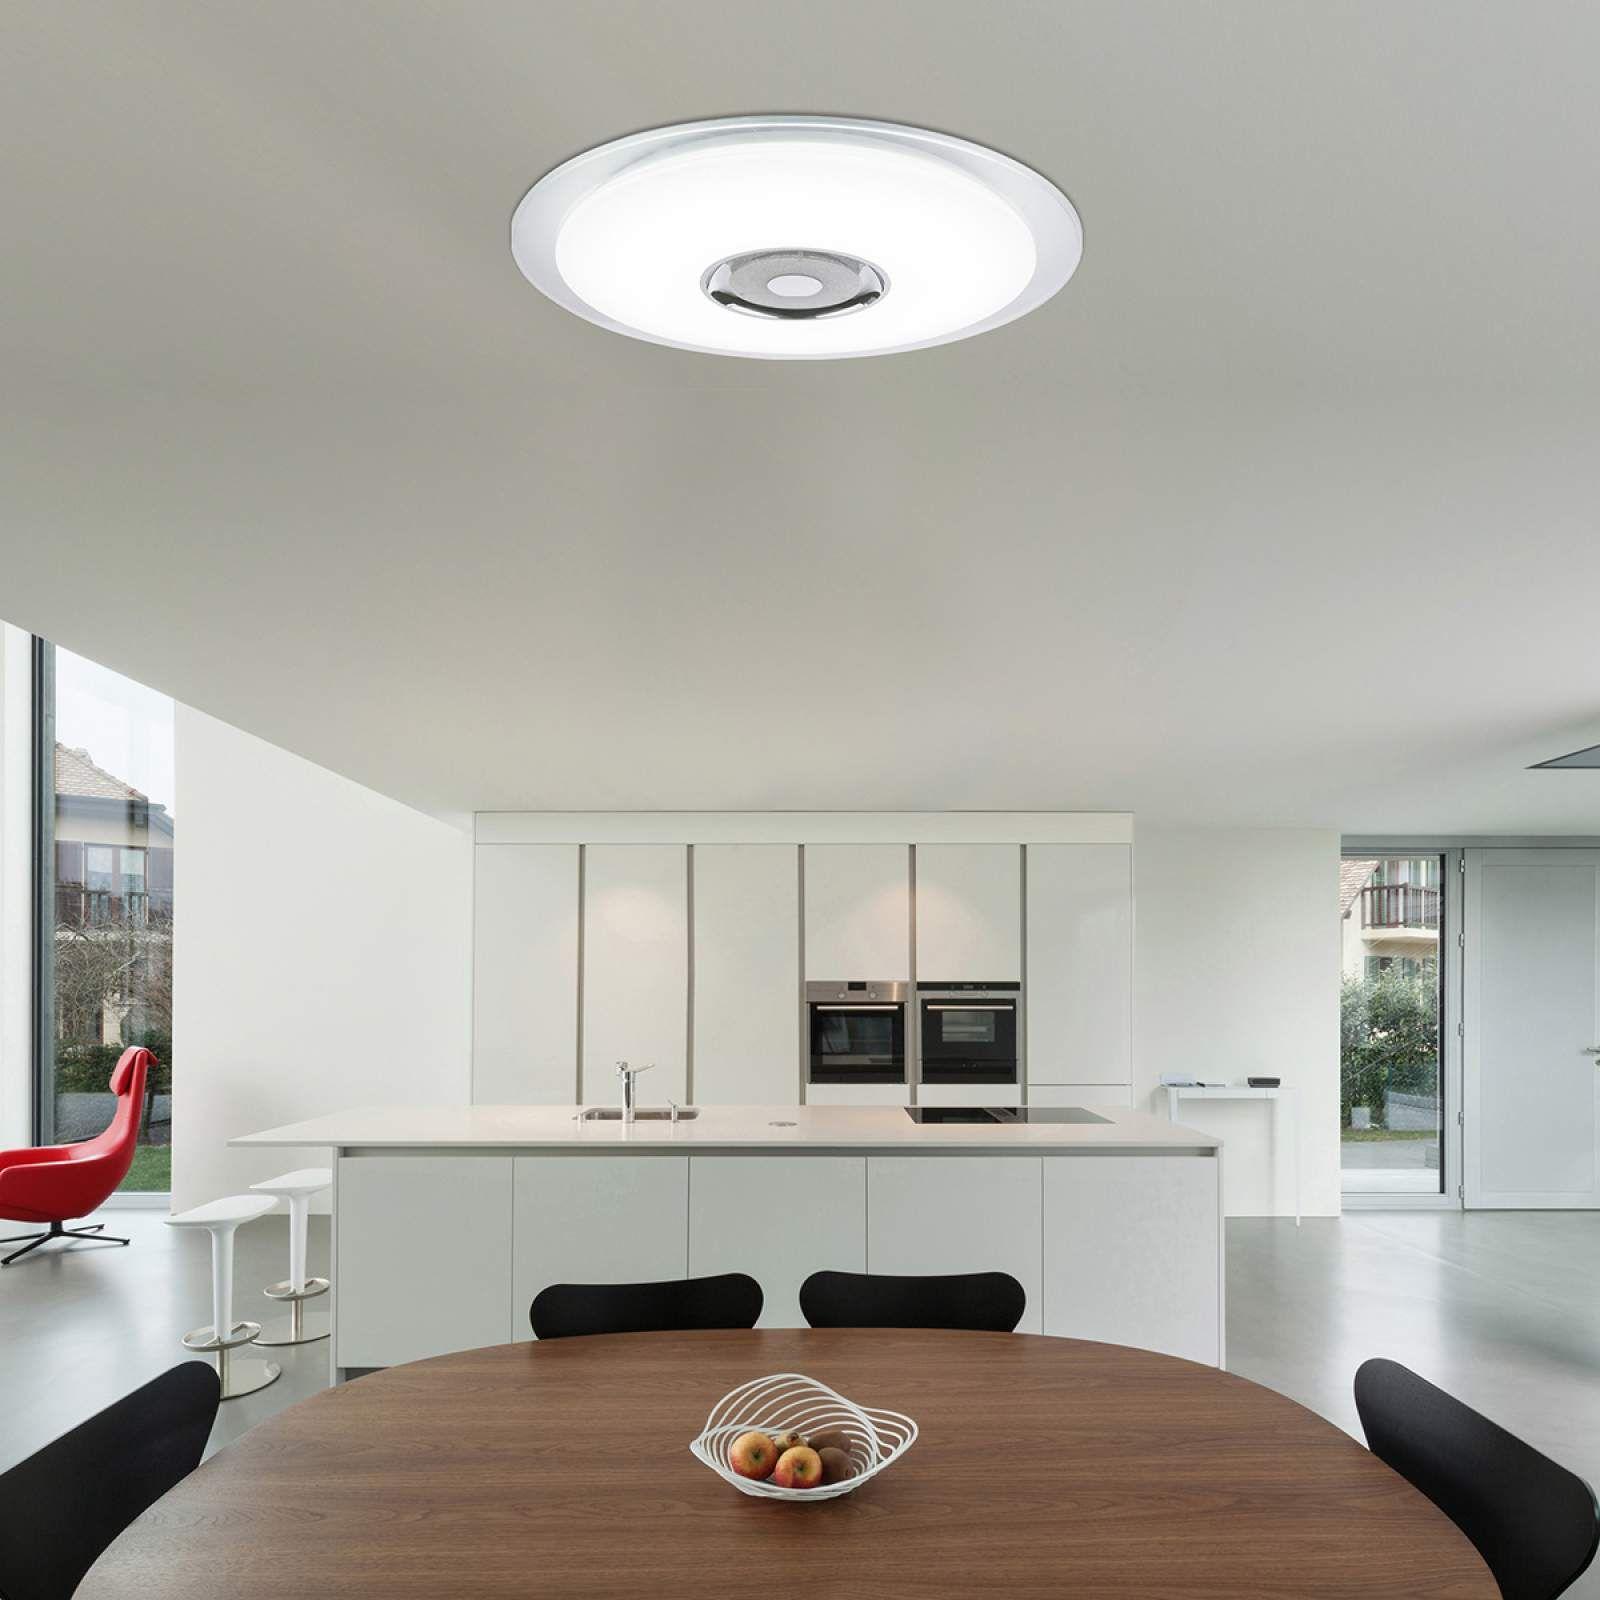 Moderne Smart Home Deckenleuchten Tune Von Globo Silber Led Deckenleuchte Beleuchtung Decke Und Led